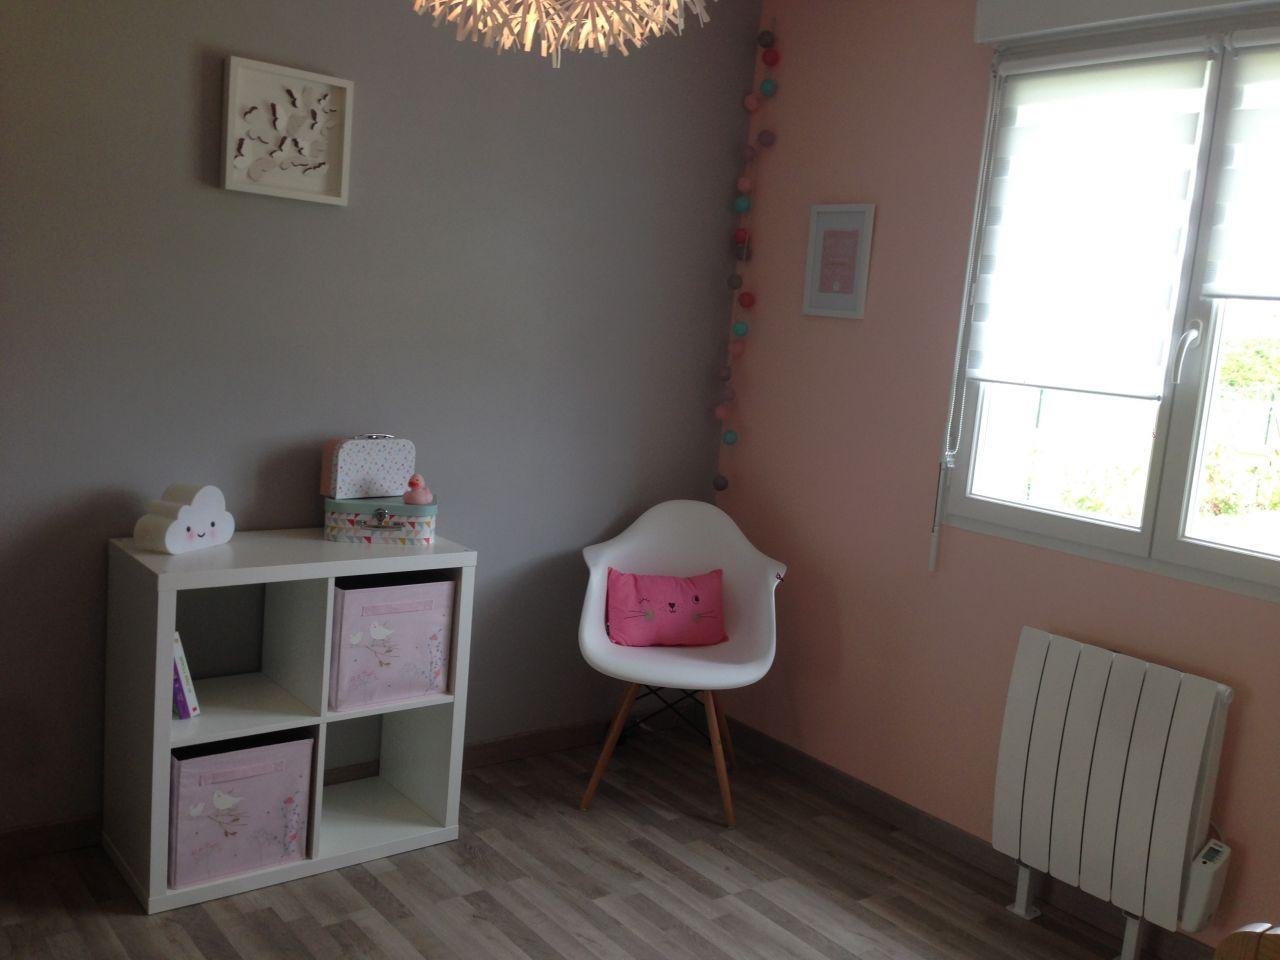 Chambre d'enfant revêtement peinture - Marne (51) - mai 2016